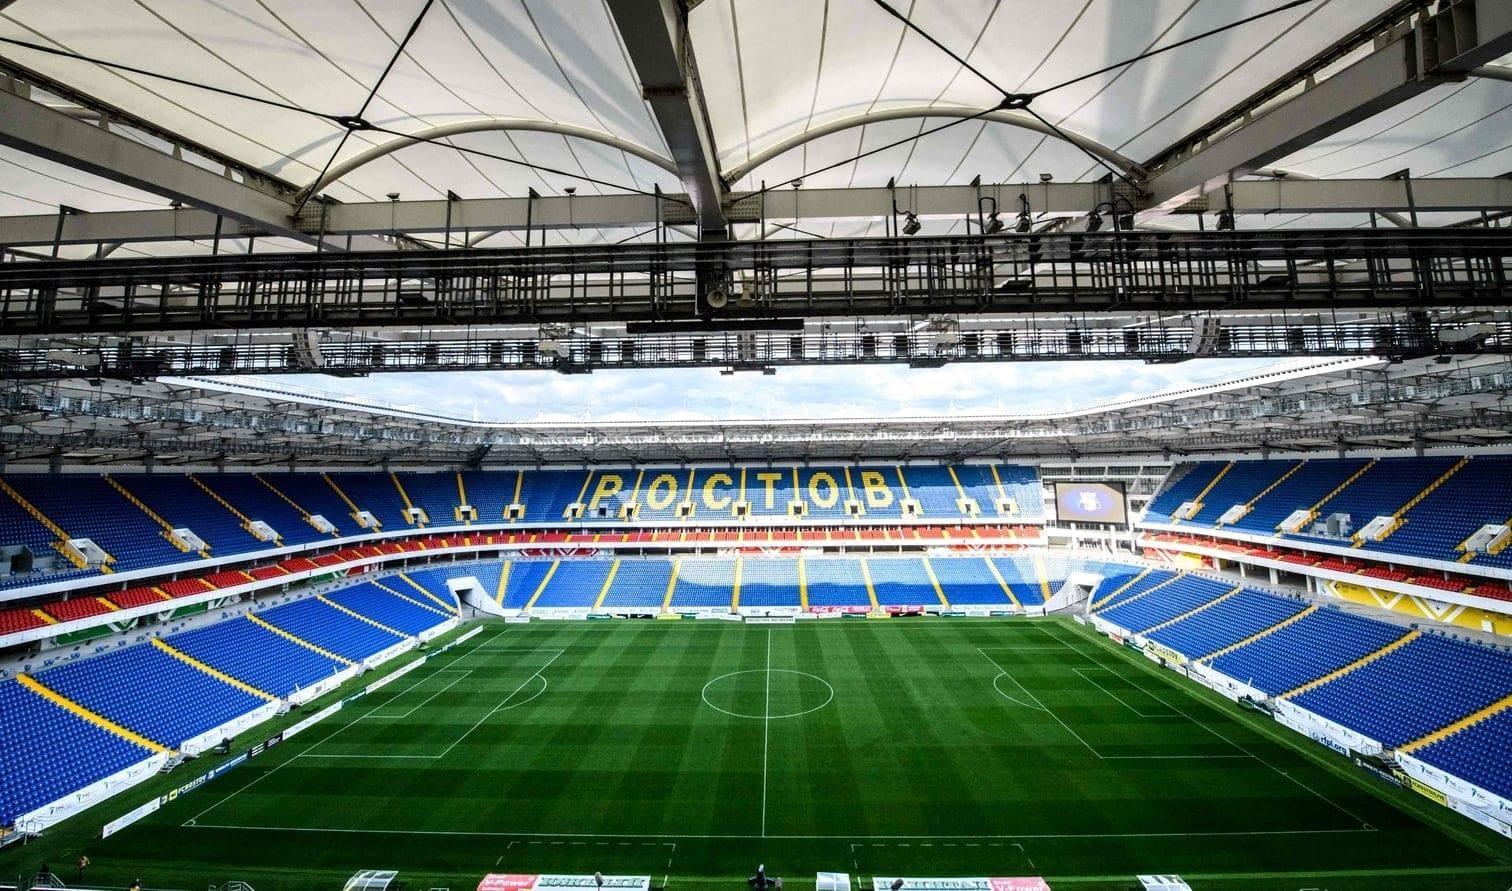 am 15. Juli wird hier der neue Weltmeister gekürt. Deutschland bestreitet hier sein erstes Gruppenspiel gegen Mexiko.</p>